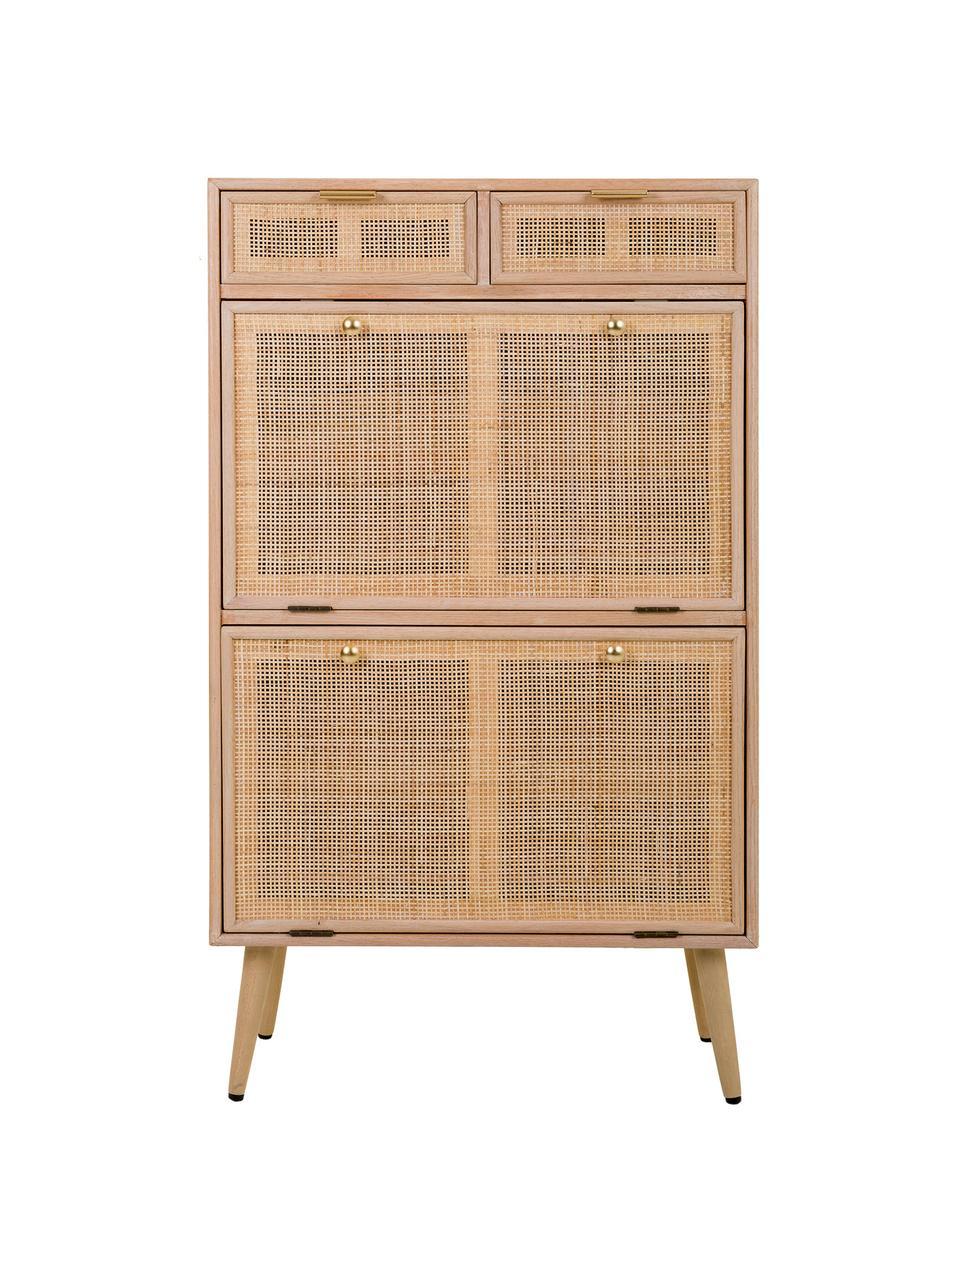 Szafka na buty z drewna Cayetana, Korpus: płyta pilśniowa średniej , Nogi: drewno bambusowe, lakiero, Brązowy, S 70 x W 120 cm